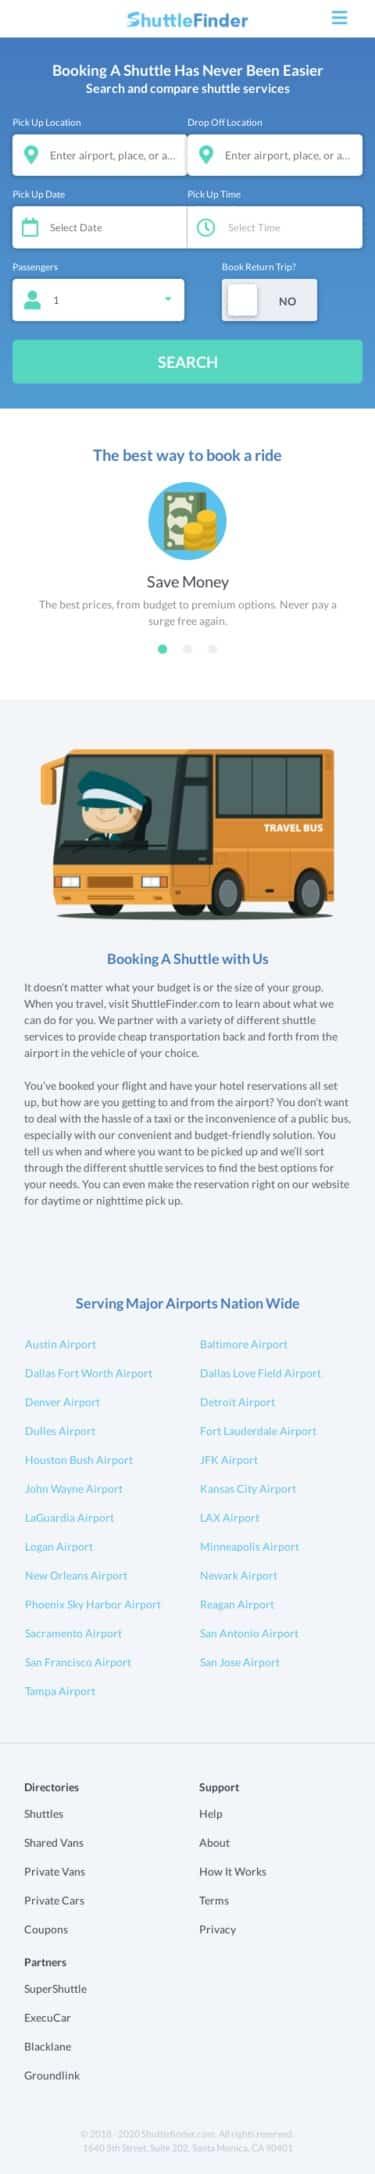 ShuttleFinder.com Coupon